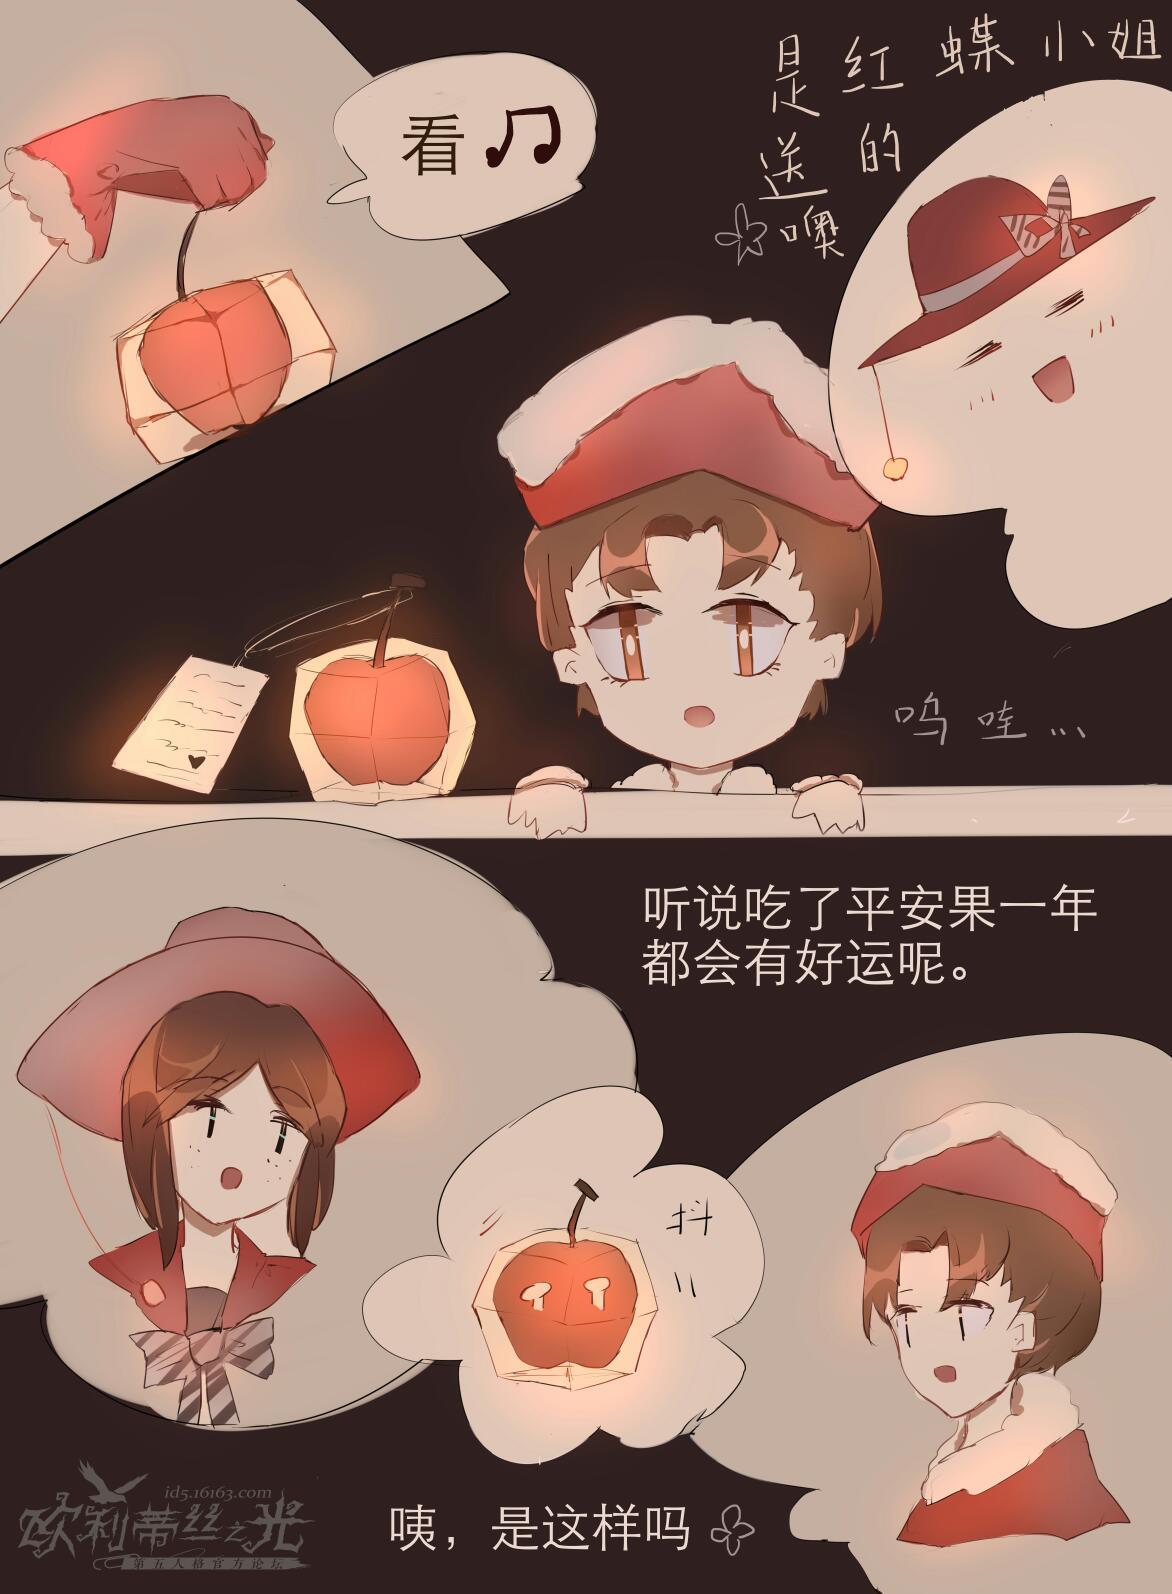 吃平安果了吗